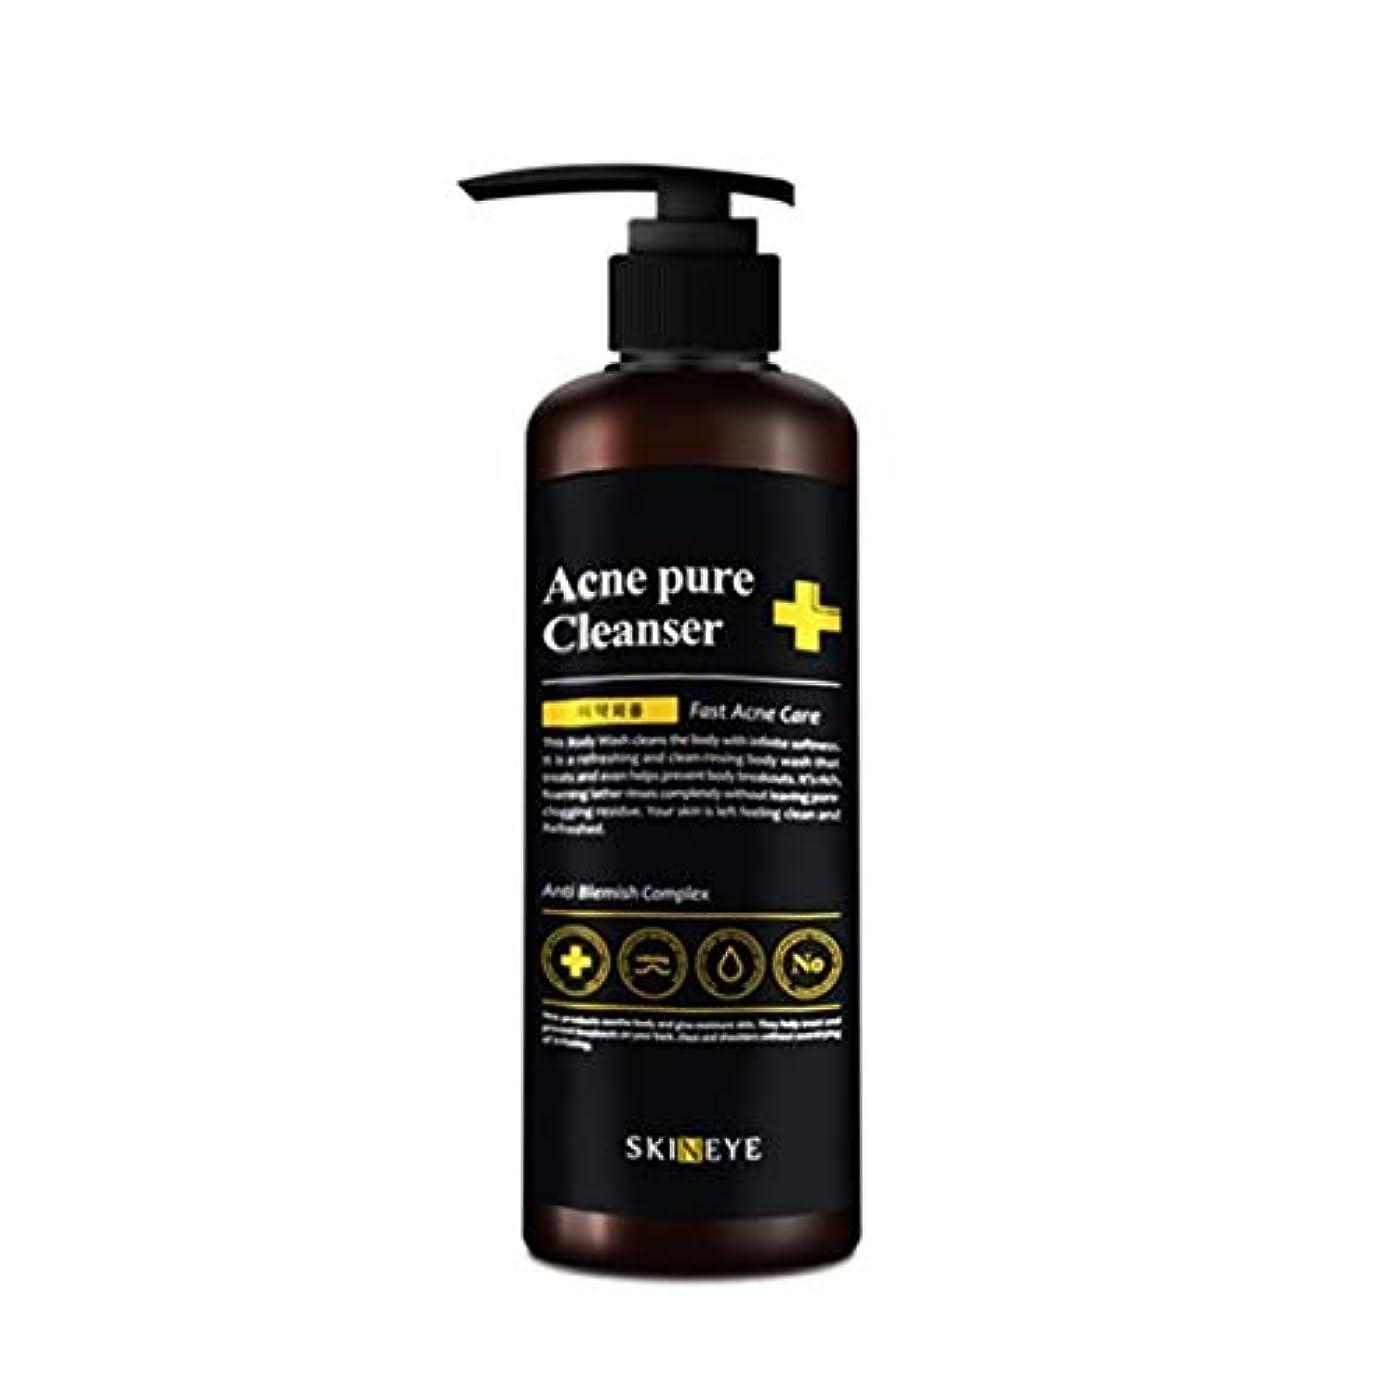 風変わりな平和なトレーニングスキンアイアクネピュアクレンザー300mlの老廃物除去、Skineye Acne Pure Cleanser 300ml Waste Removal [並行輸入品]